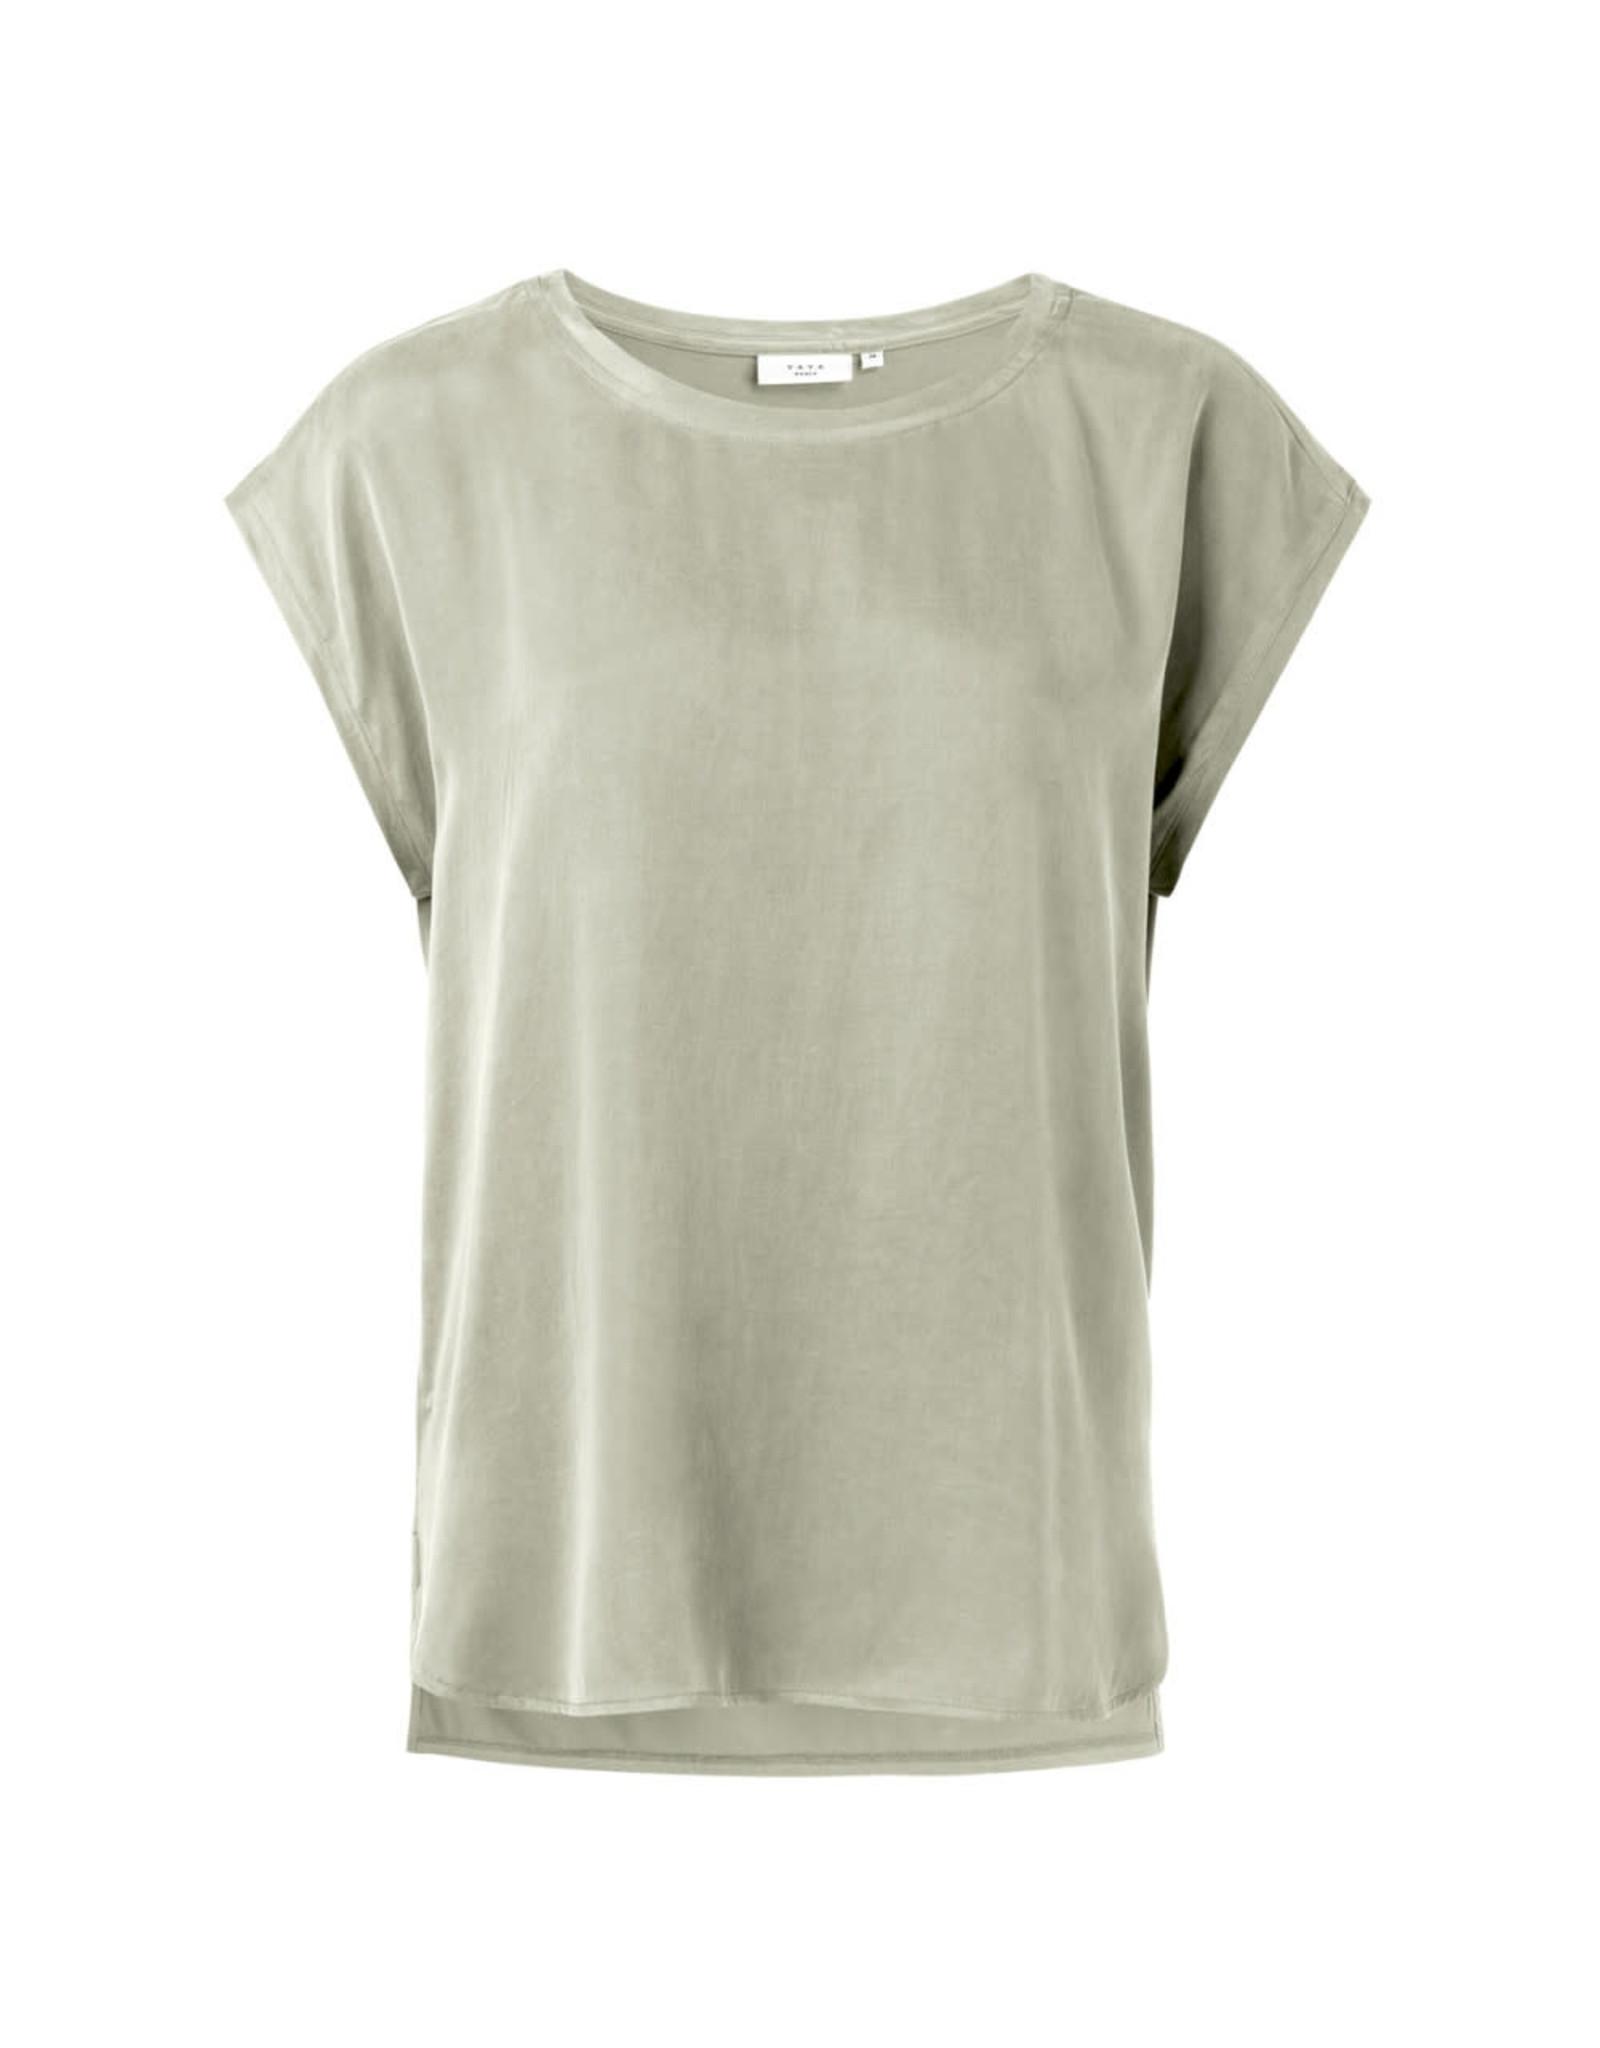 YAYA YAYA Cupro blend fabric mix t-shirt Silver Sage